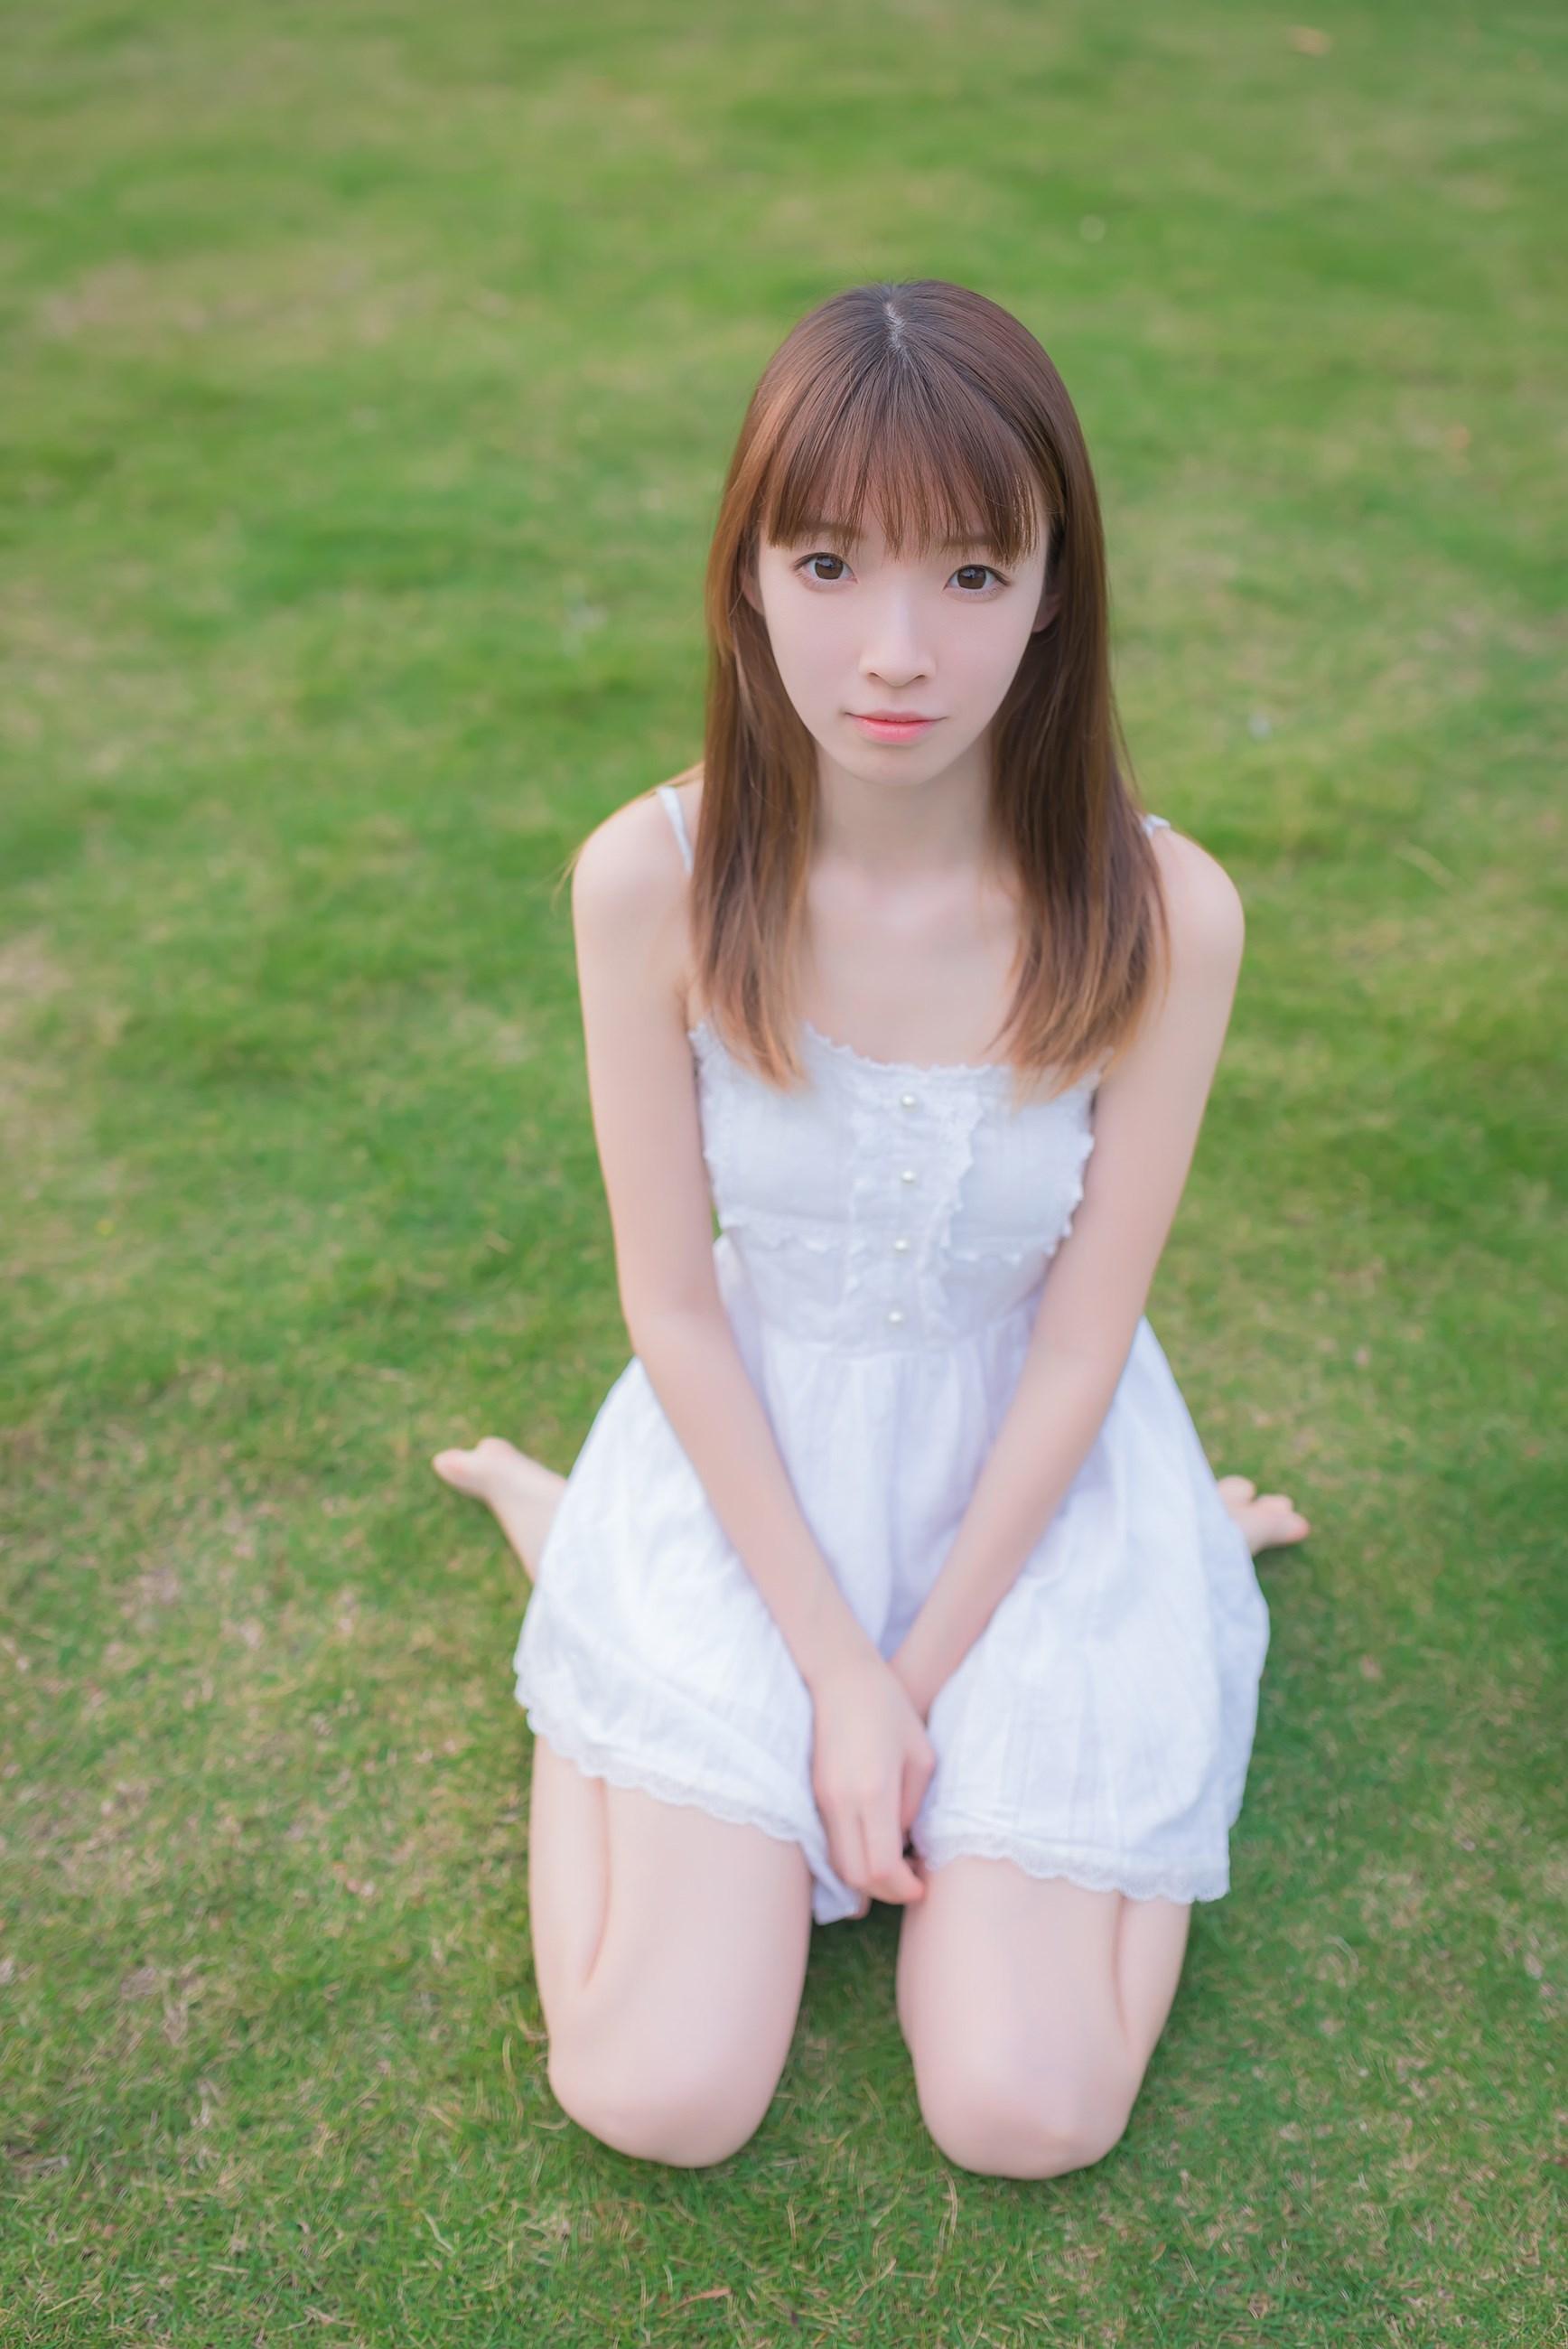 【兔玩映画】青春的气息 兔玩映画 第22张